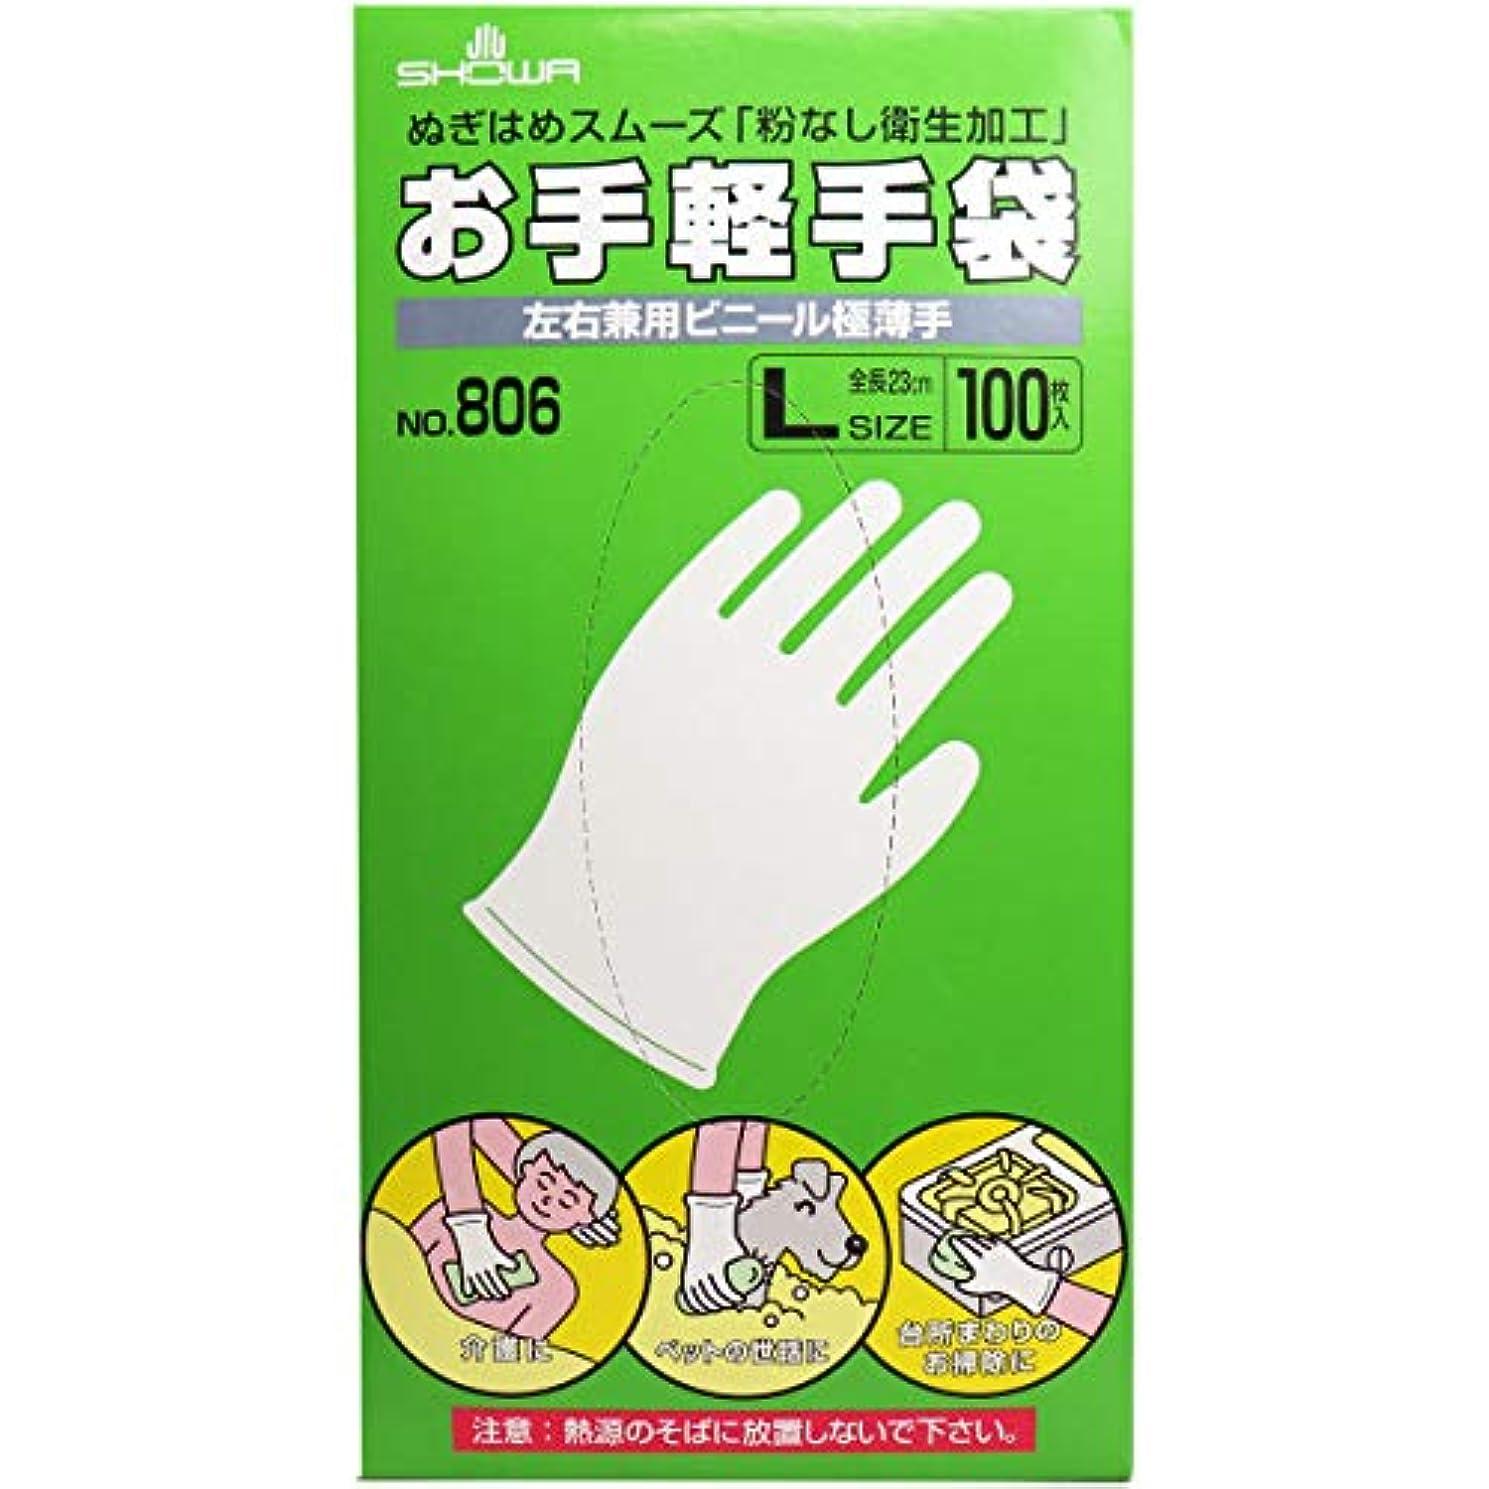 お手軽手袋 No.806 左右兼用ビニール極薄手 粉なし Lサイズ 100枚入×10個セット